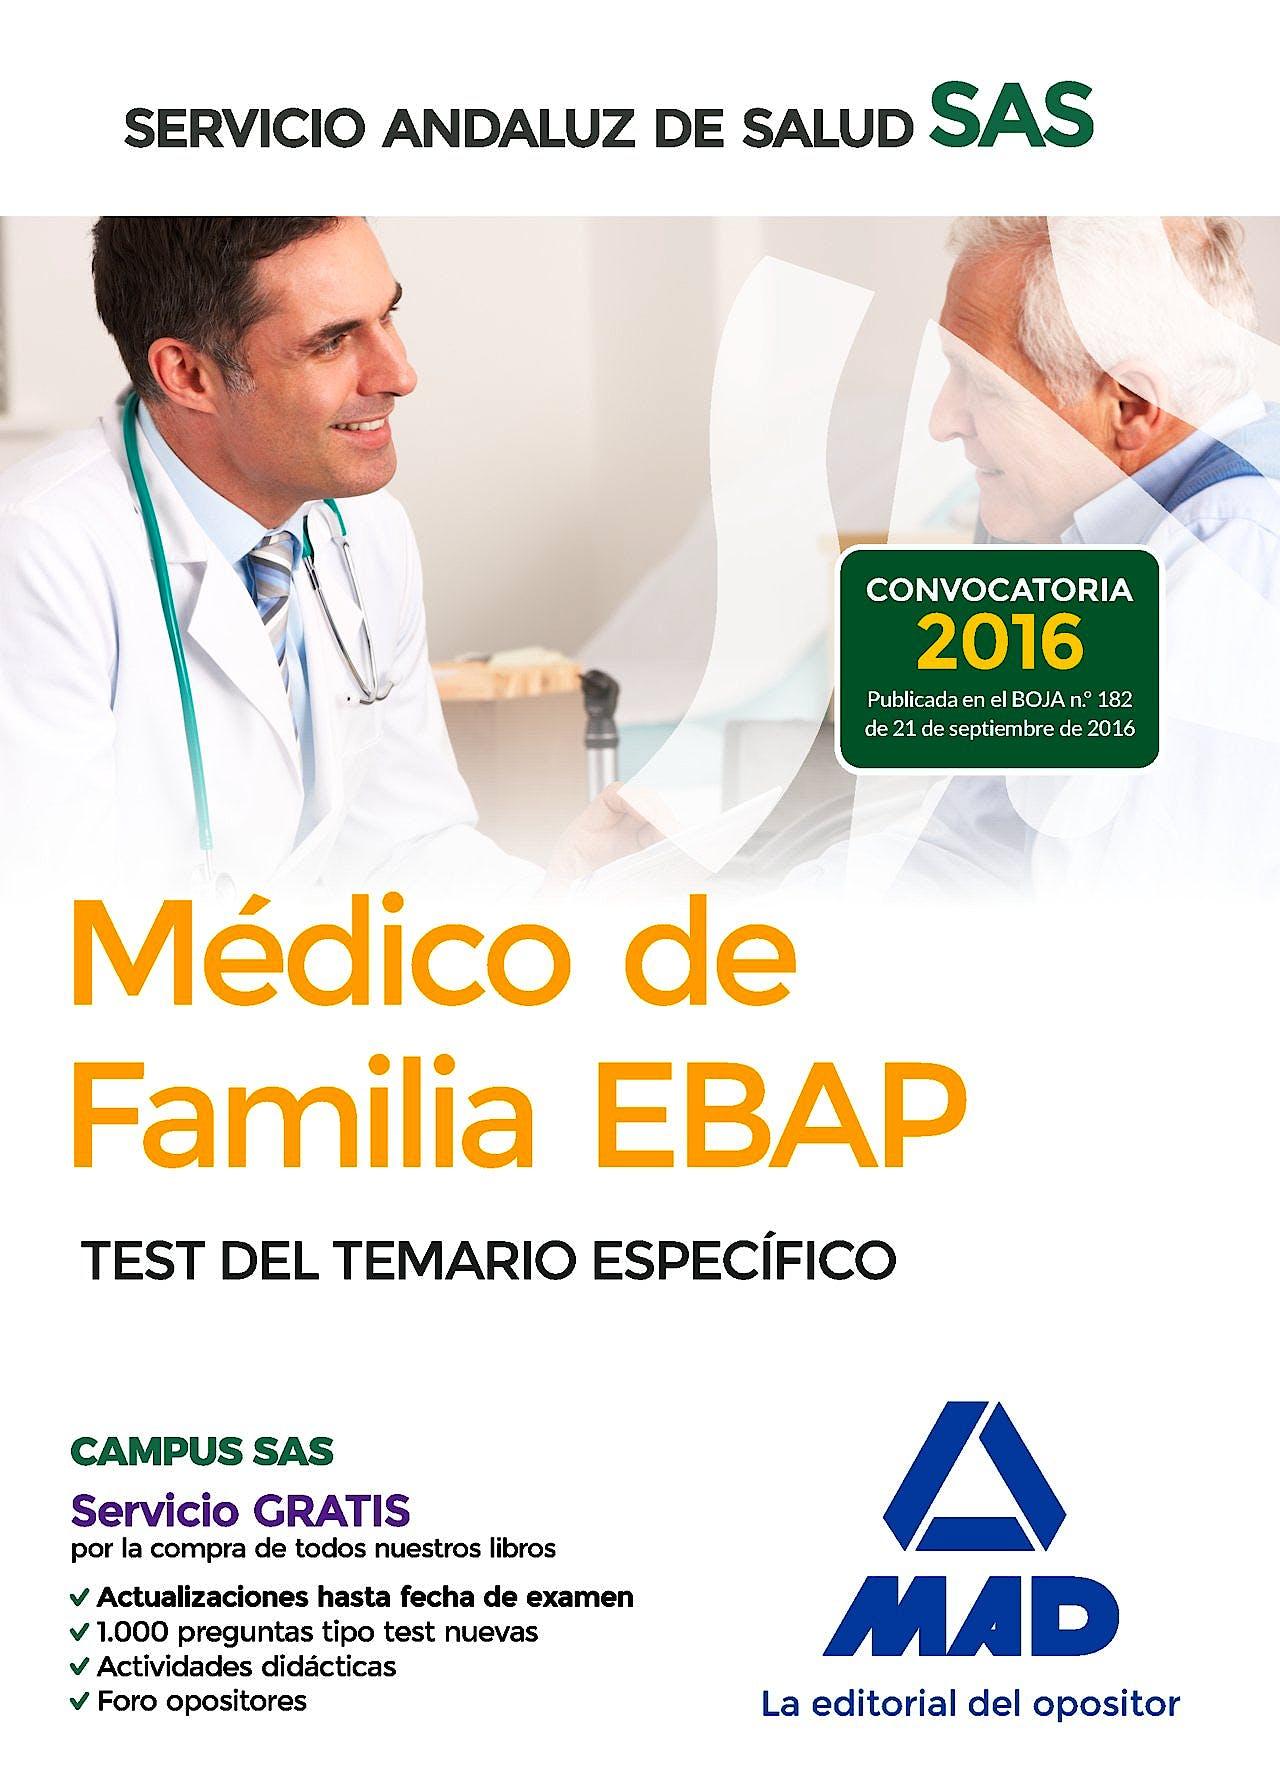 Portada del libro 9788414202302 Medico de Familia Ebap Servicio Andaluz de Salud (Sas). Test